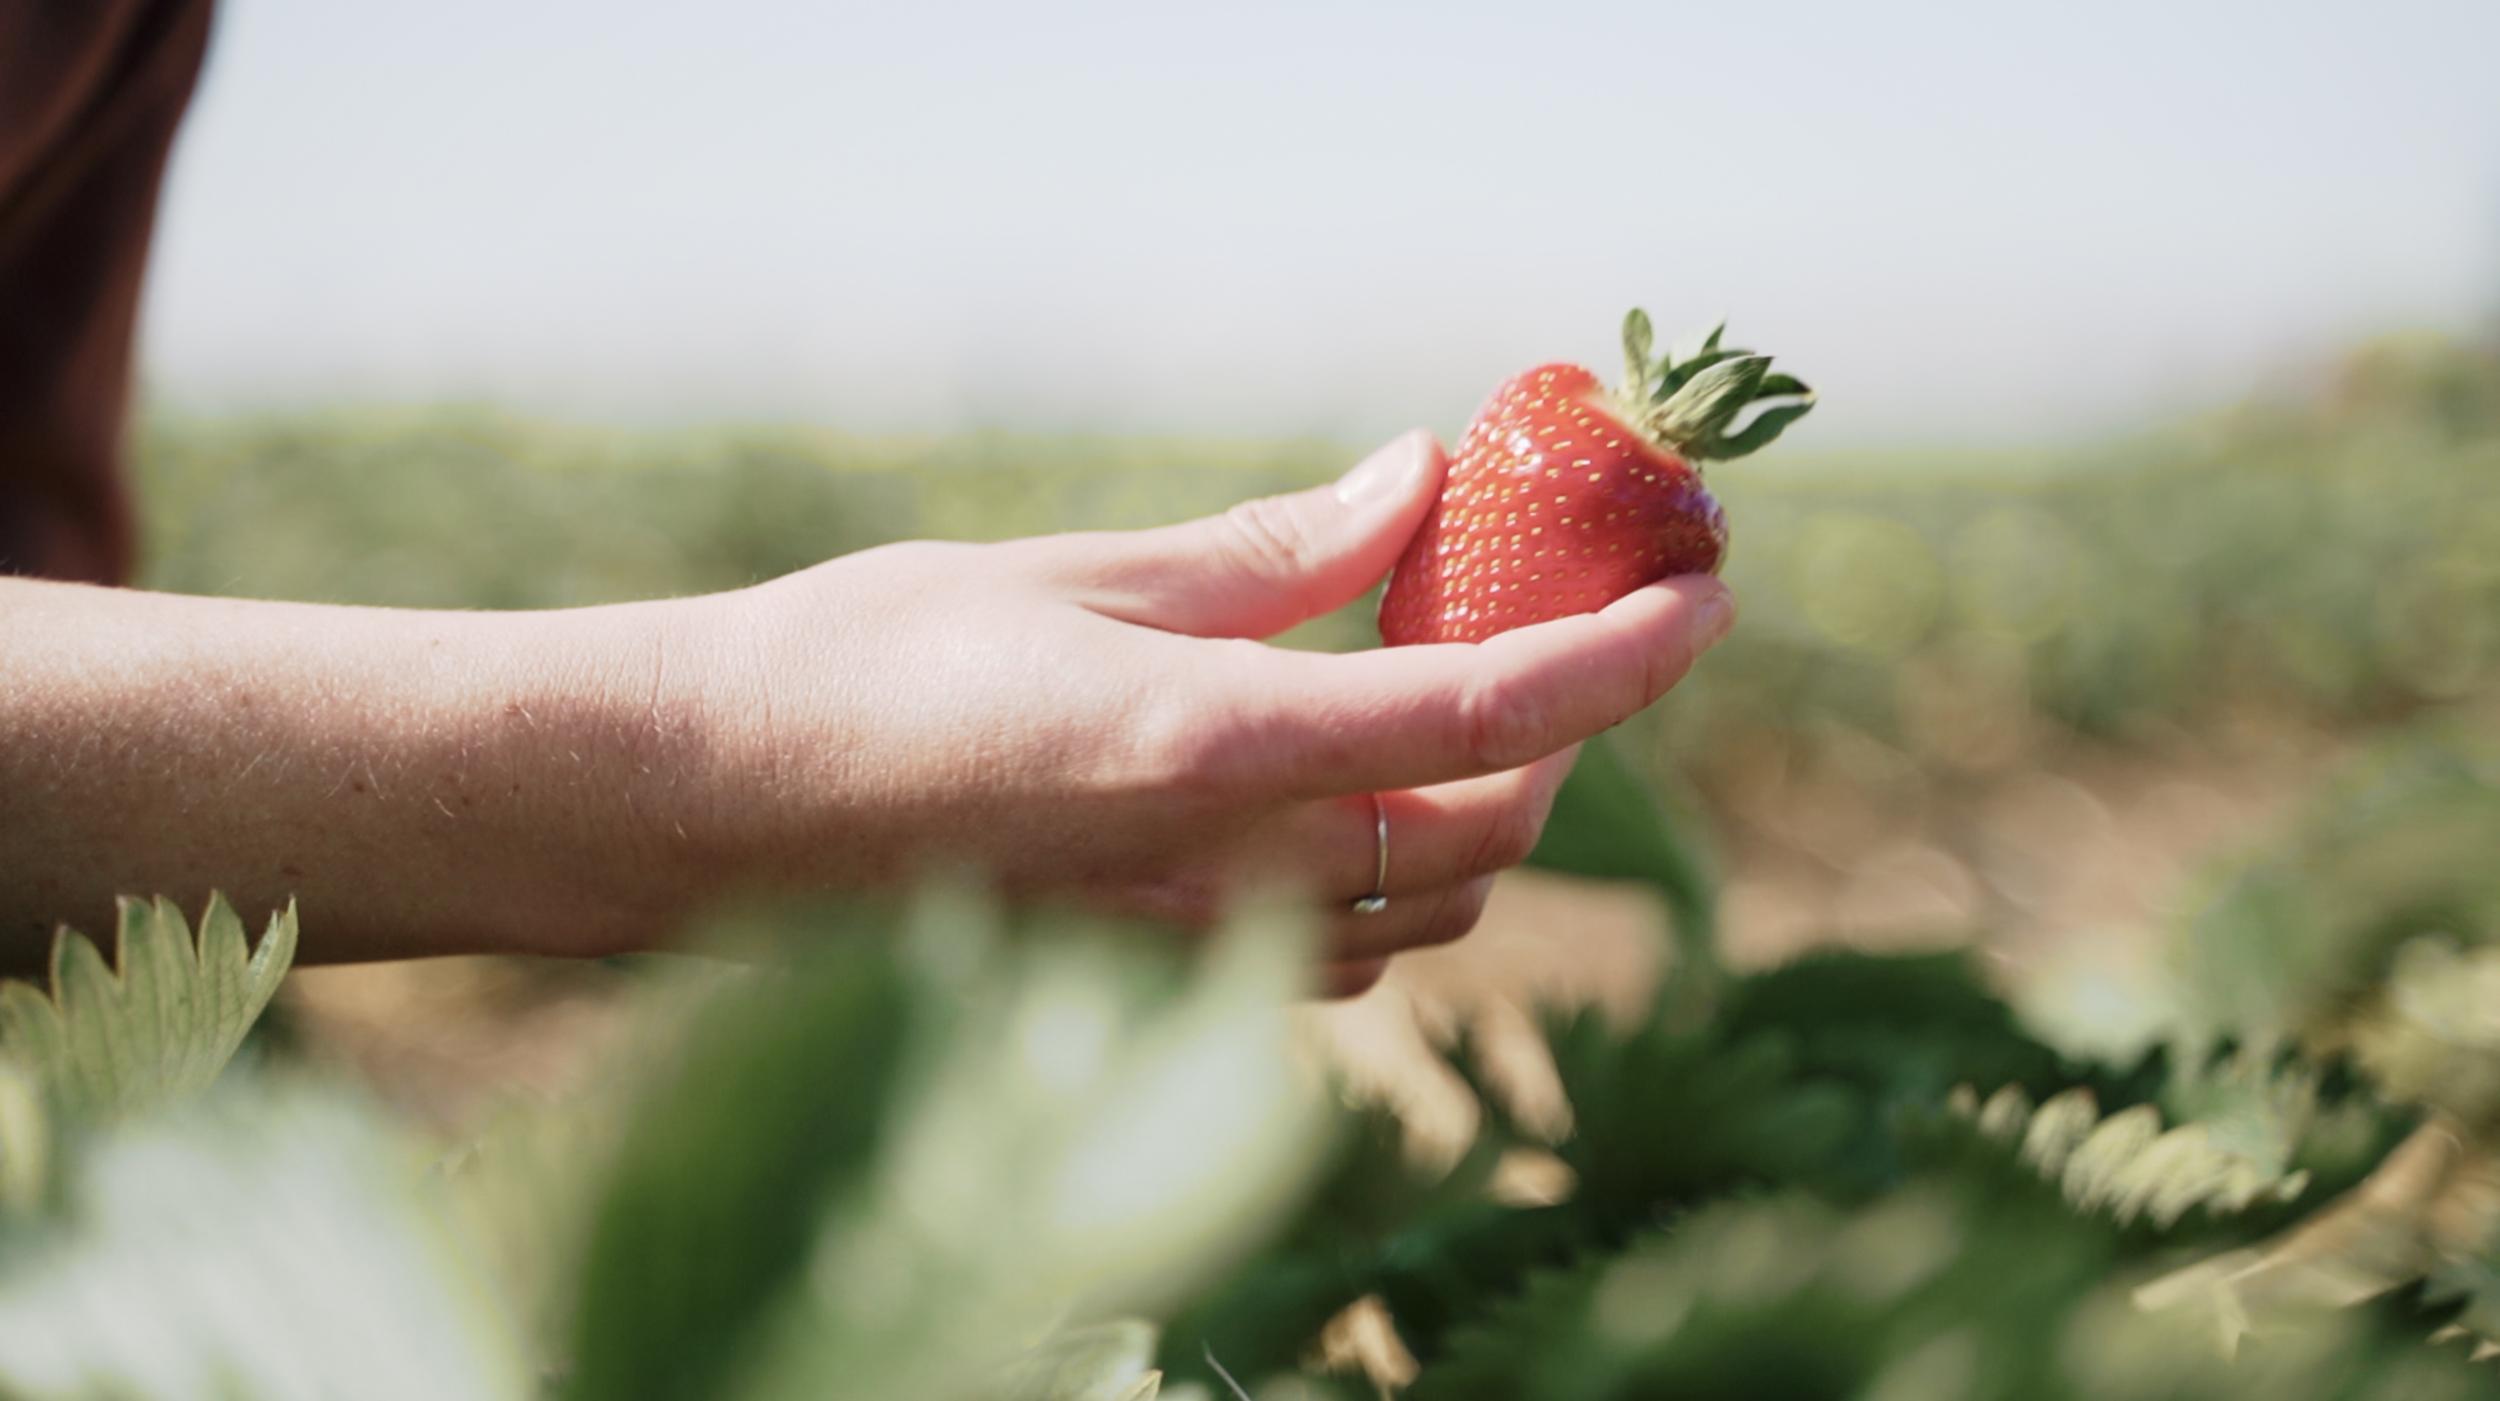 Vidéo reportage réalisé pour Exki sur les fraises et son producteur